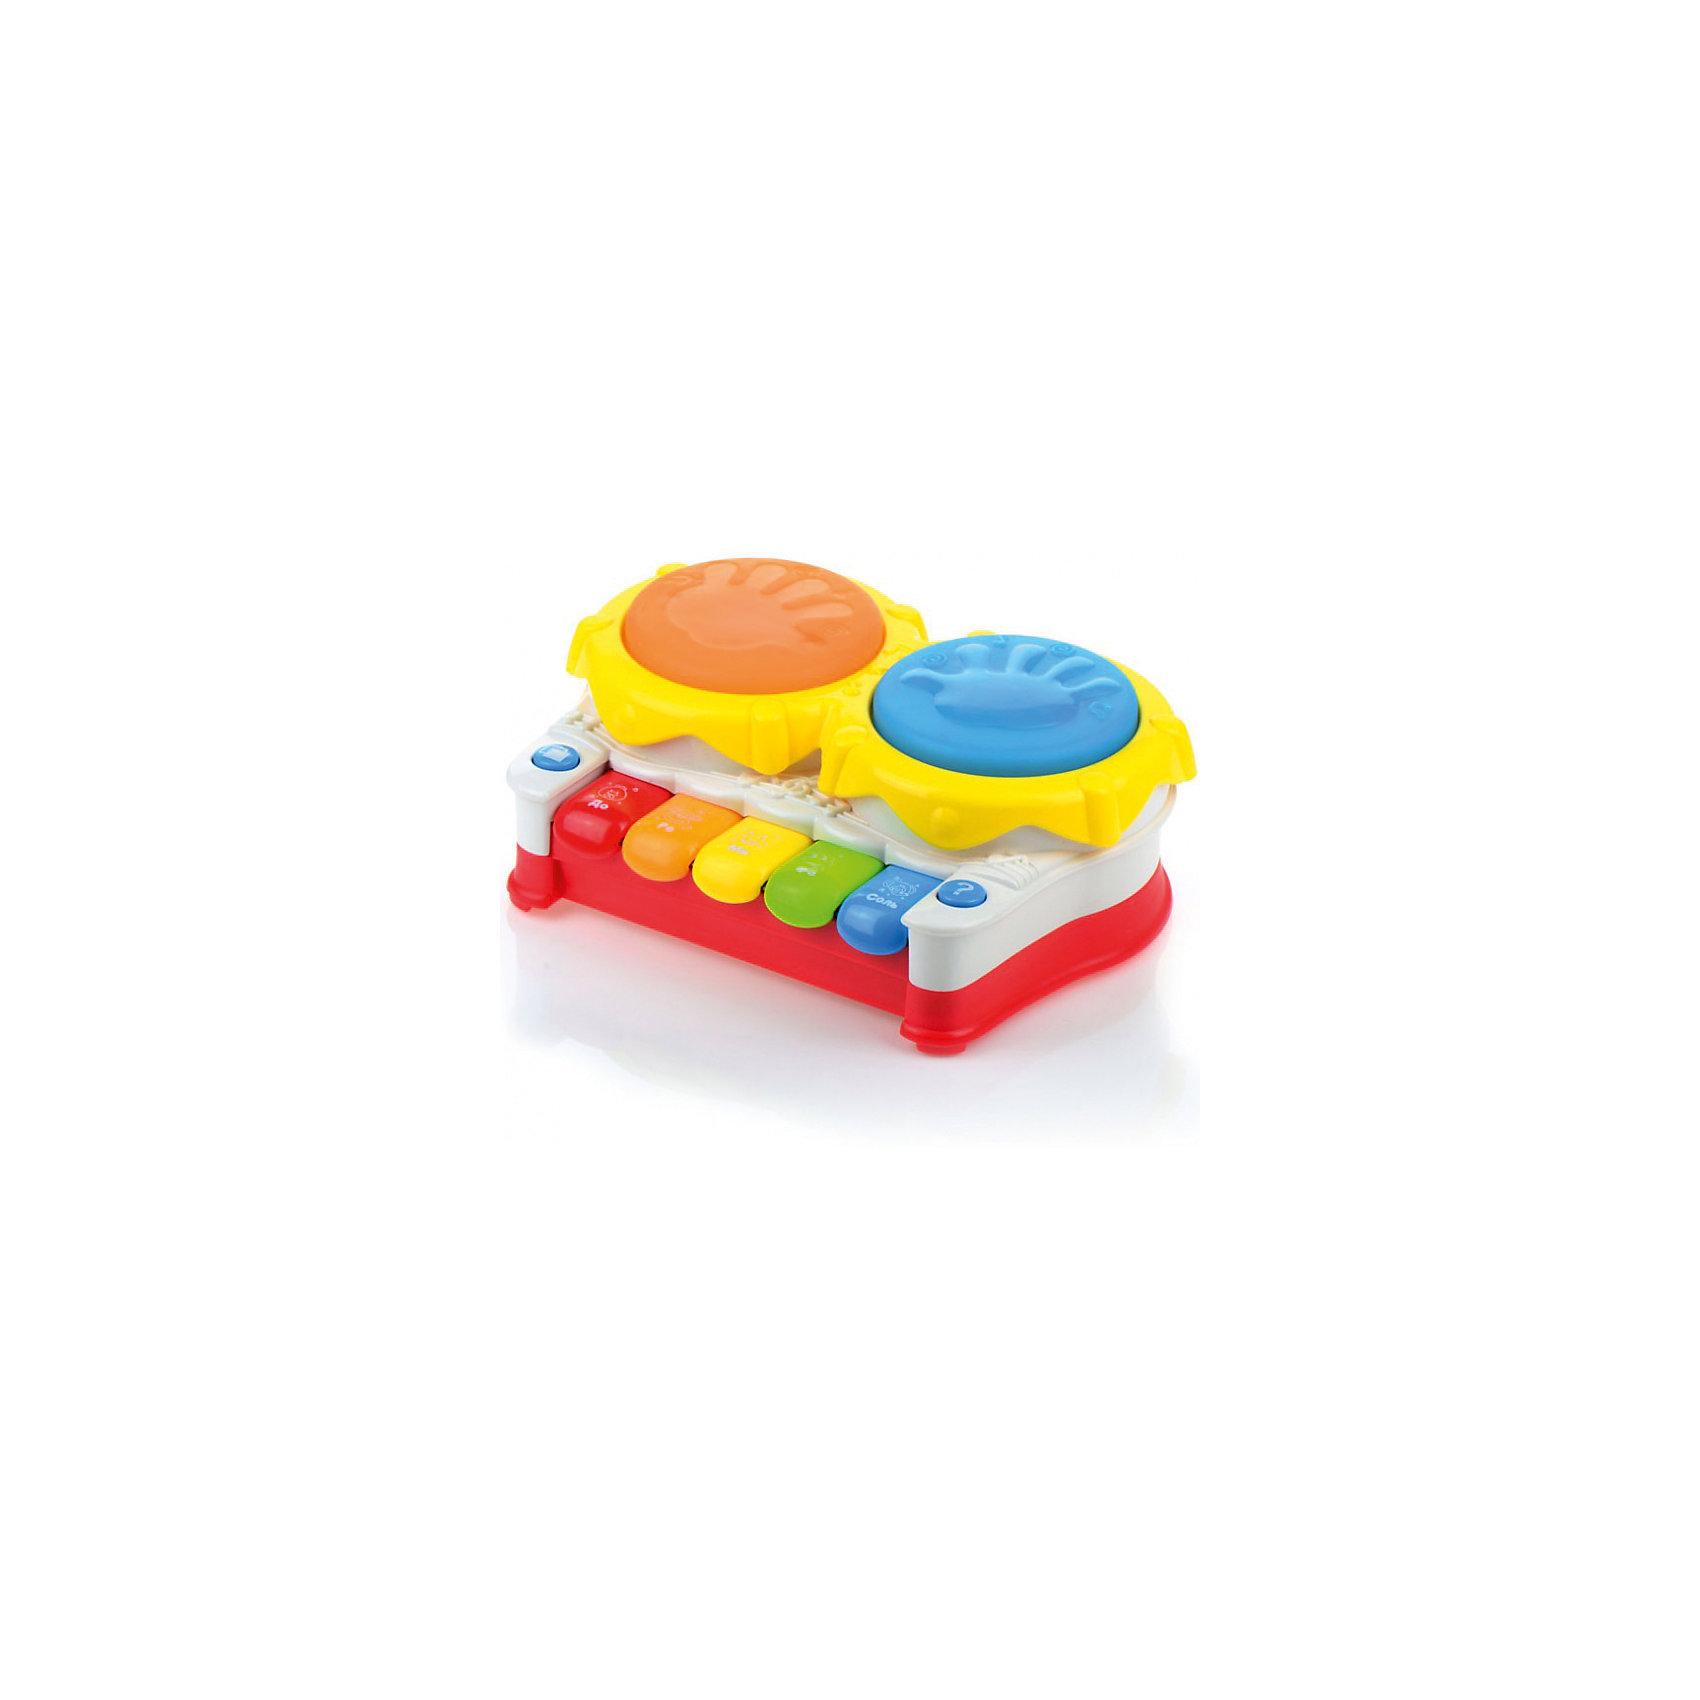 Развивающая игрушка Музыкальная установка, со светом и звуком, МалышарикиРазвивающая игрушка Музыкальная установка поможет малышу научиться различать животных по звукам. Развивает мелкую моторику и слуховое восприятие, а так же логическое мышление. Игра станет ещё интересней благодаря световым эффектам. Игрушка выполнена в ярком дизайне и из безопасных материалов.<br><br>Ширина мм: 215<br>Глубина мм: 160<br>Высота мм: 90<br>Вес г: 626<br>Возраст от месяцев: 12<br>Возраст до месяцев: 36<br>Пол: Унисекс<br>Возраст: Детский<br>SKU: 4342855